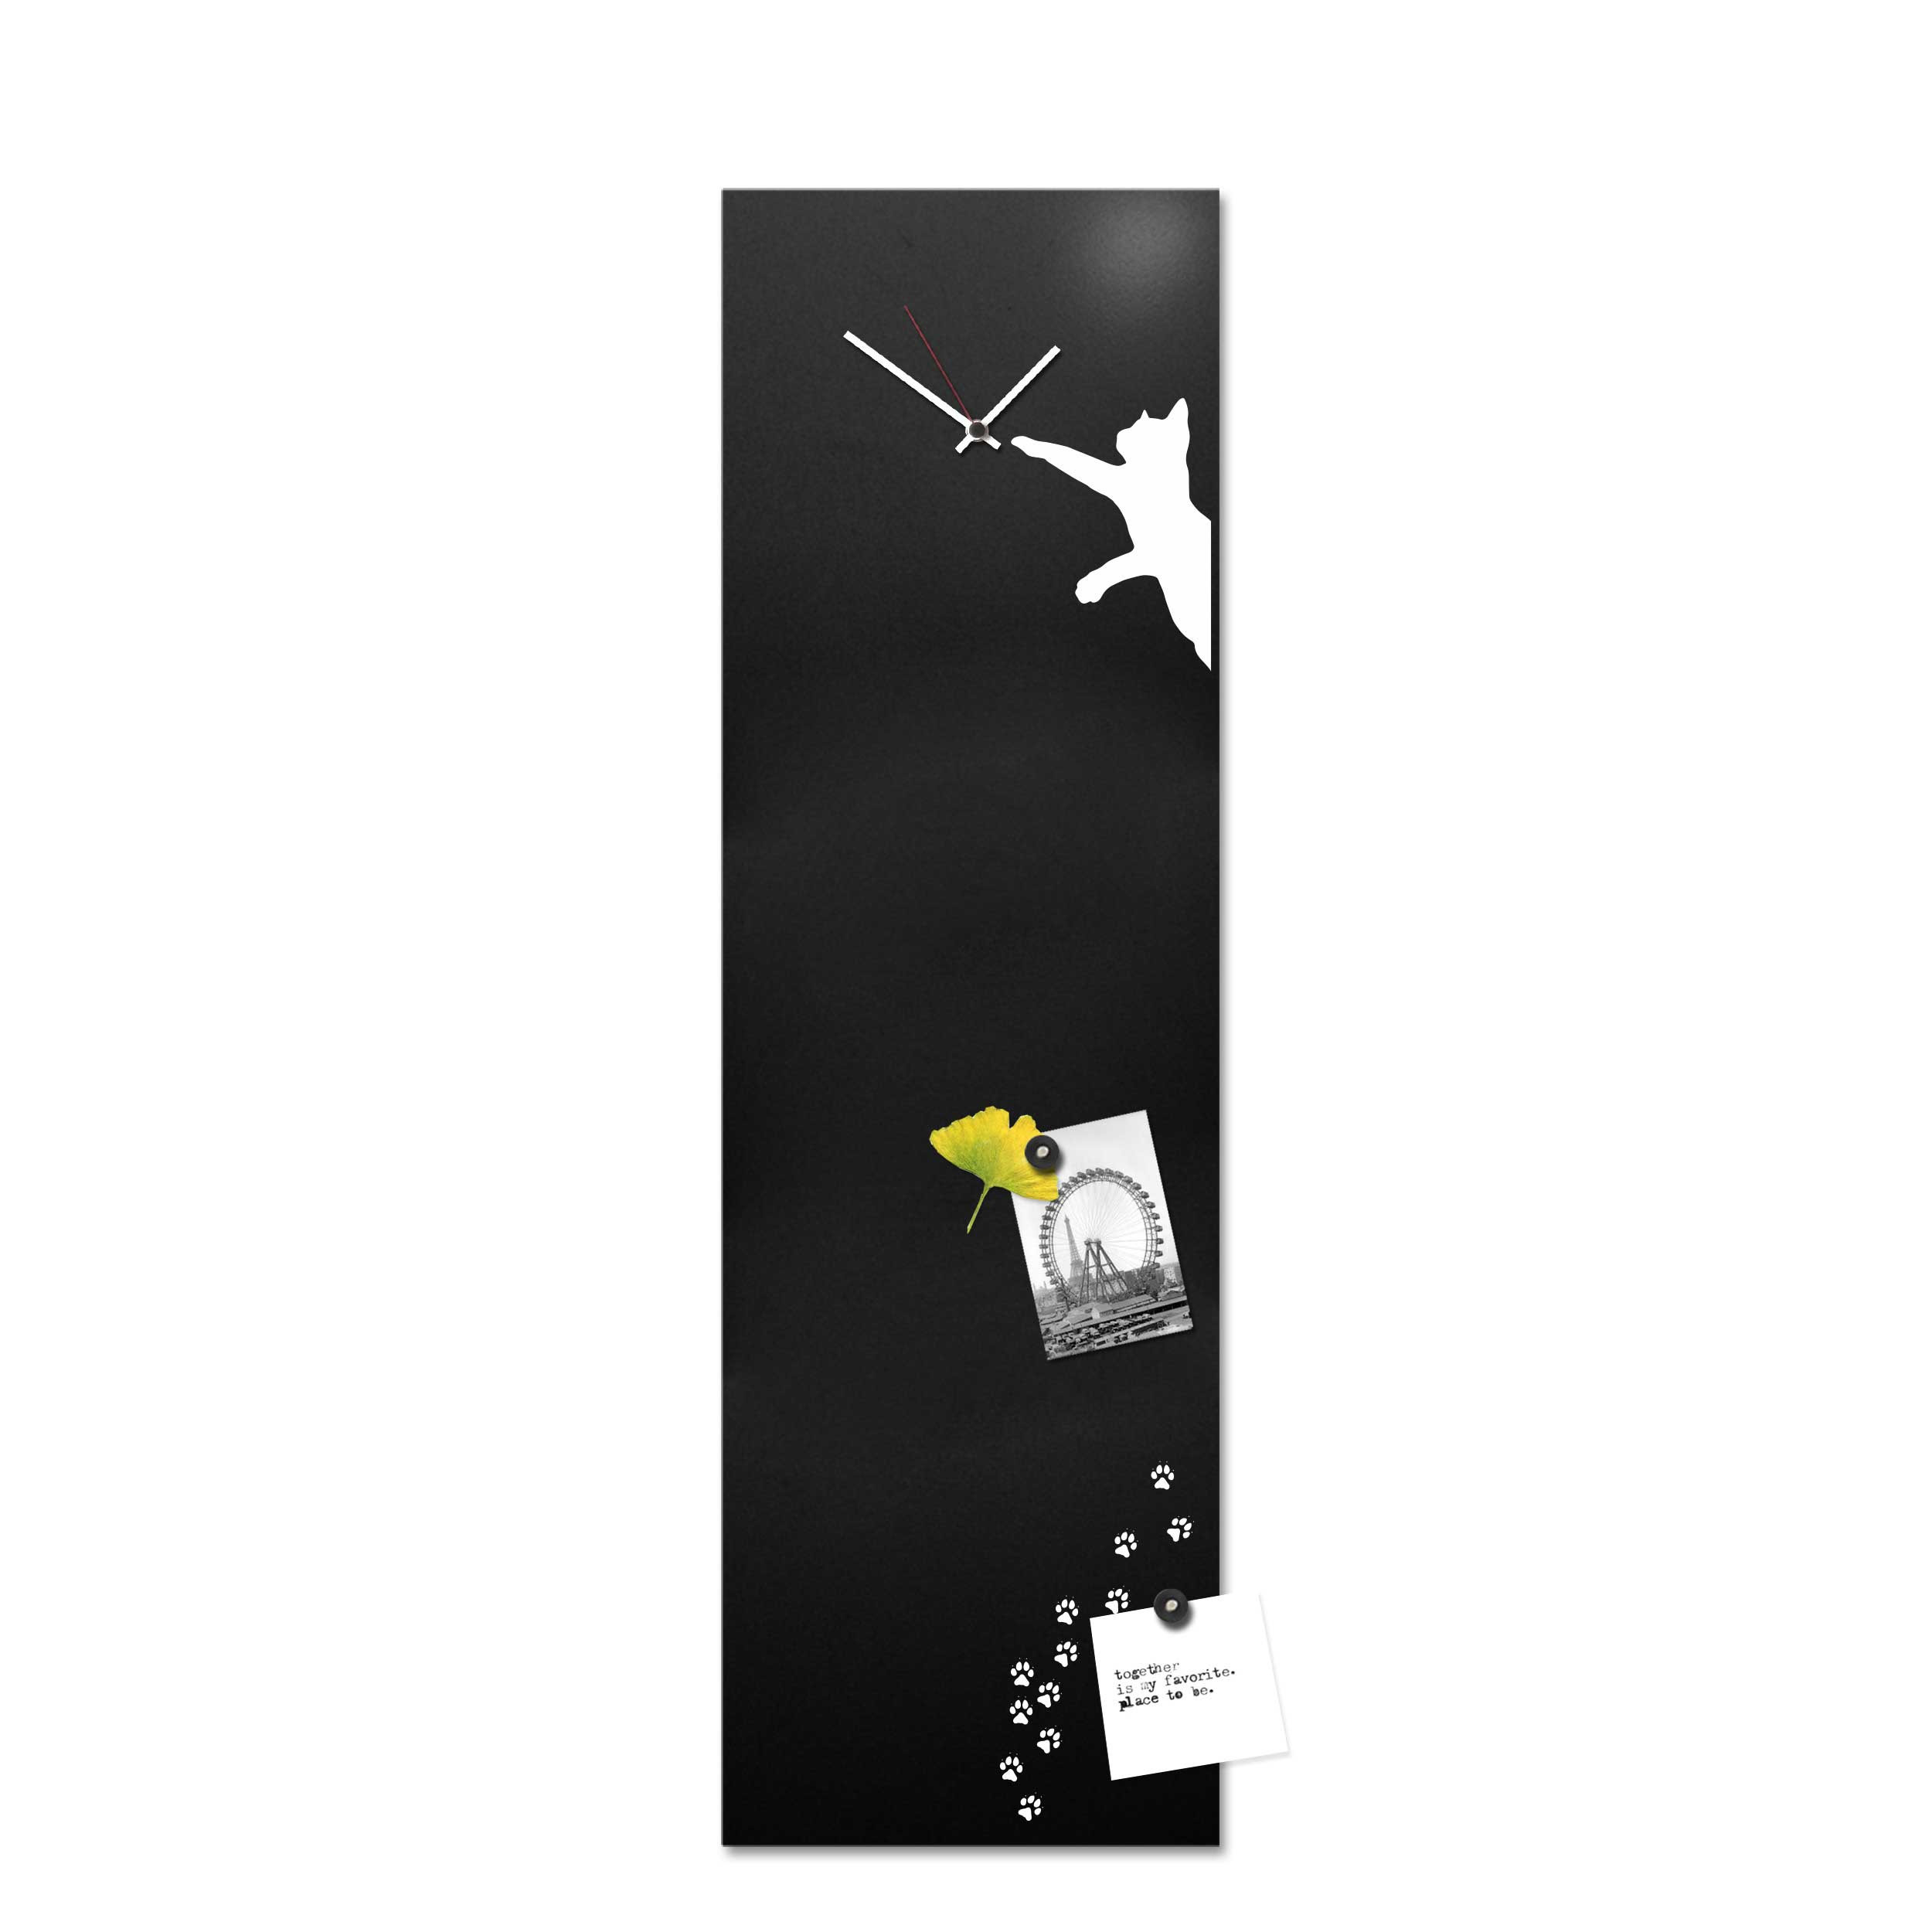 Lavagna Da Parete Cucina design object orologio da parete in metallo e lavagna magnetica e accessori  magnetici gatto